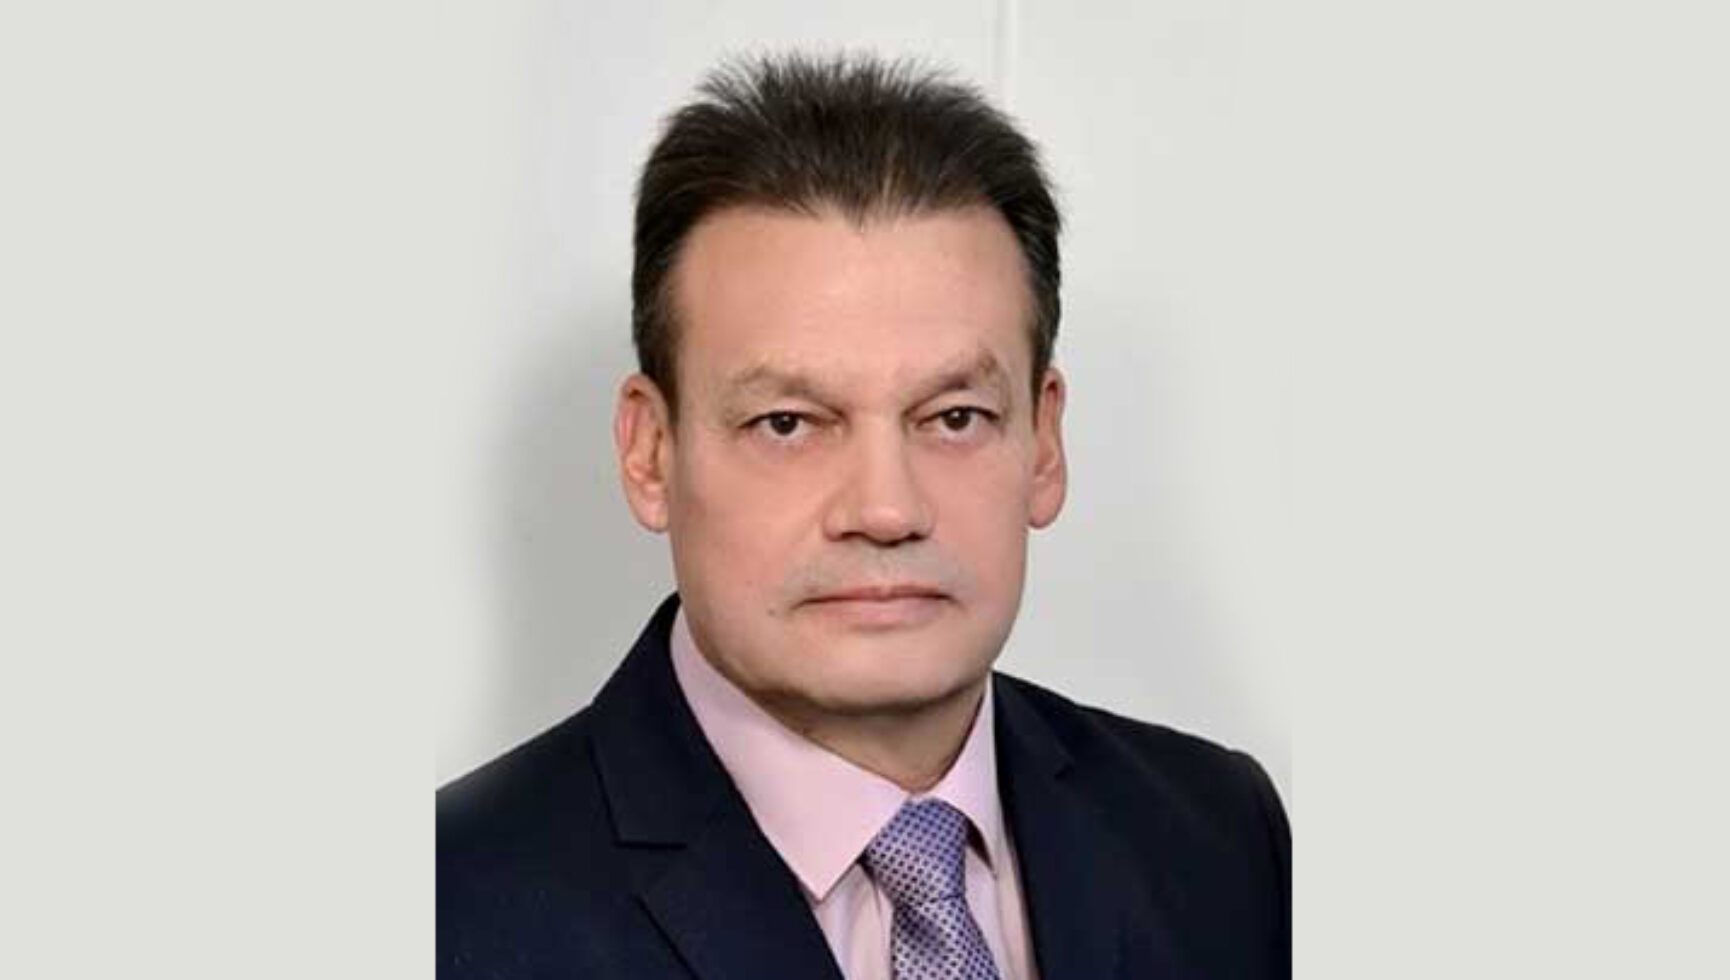 Поздравляем Хакимова Марата Анверовича, главу муниципального образования рп Первомайский Щекинского района, с Днем рождения!